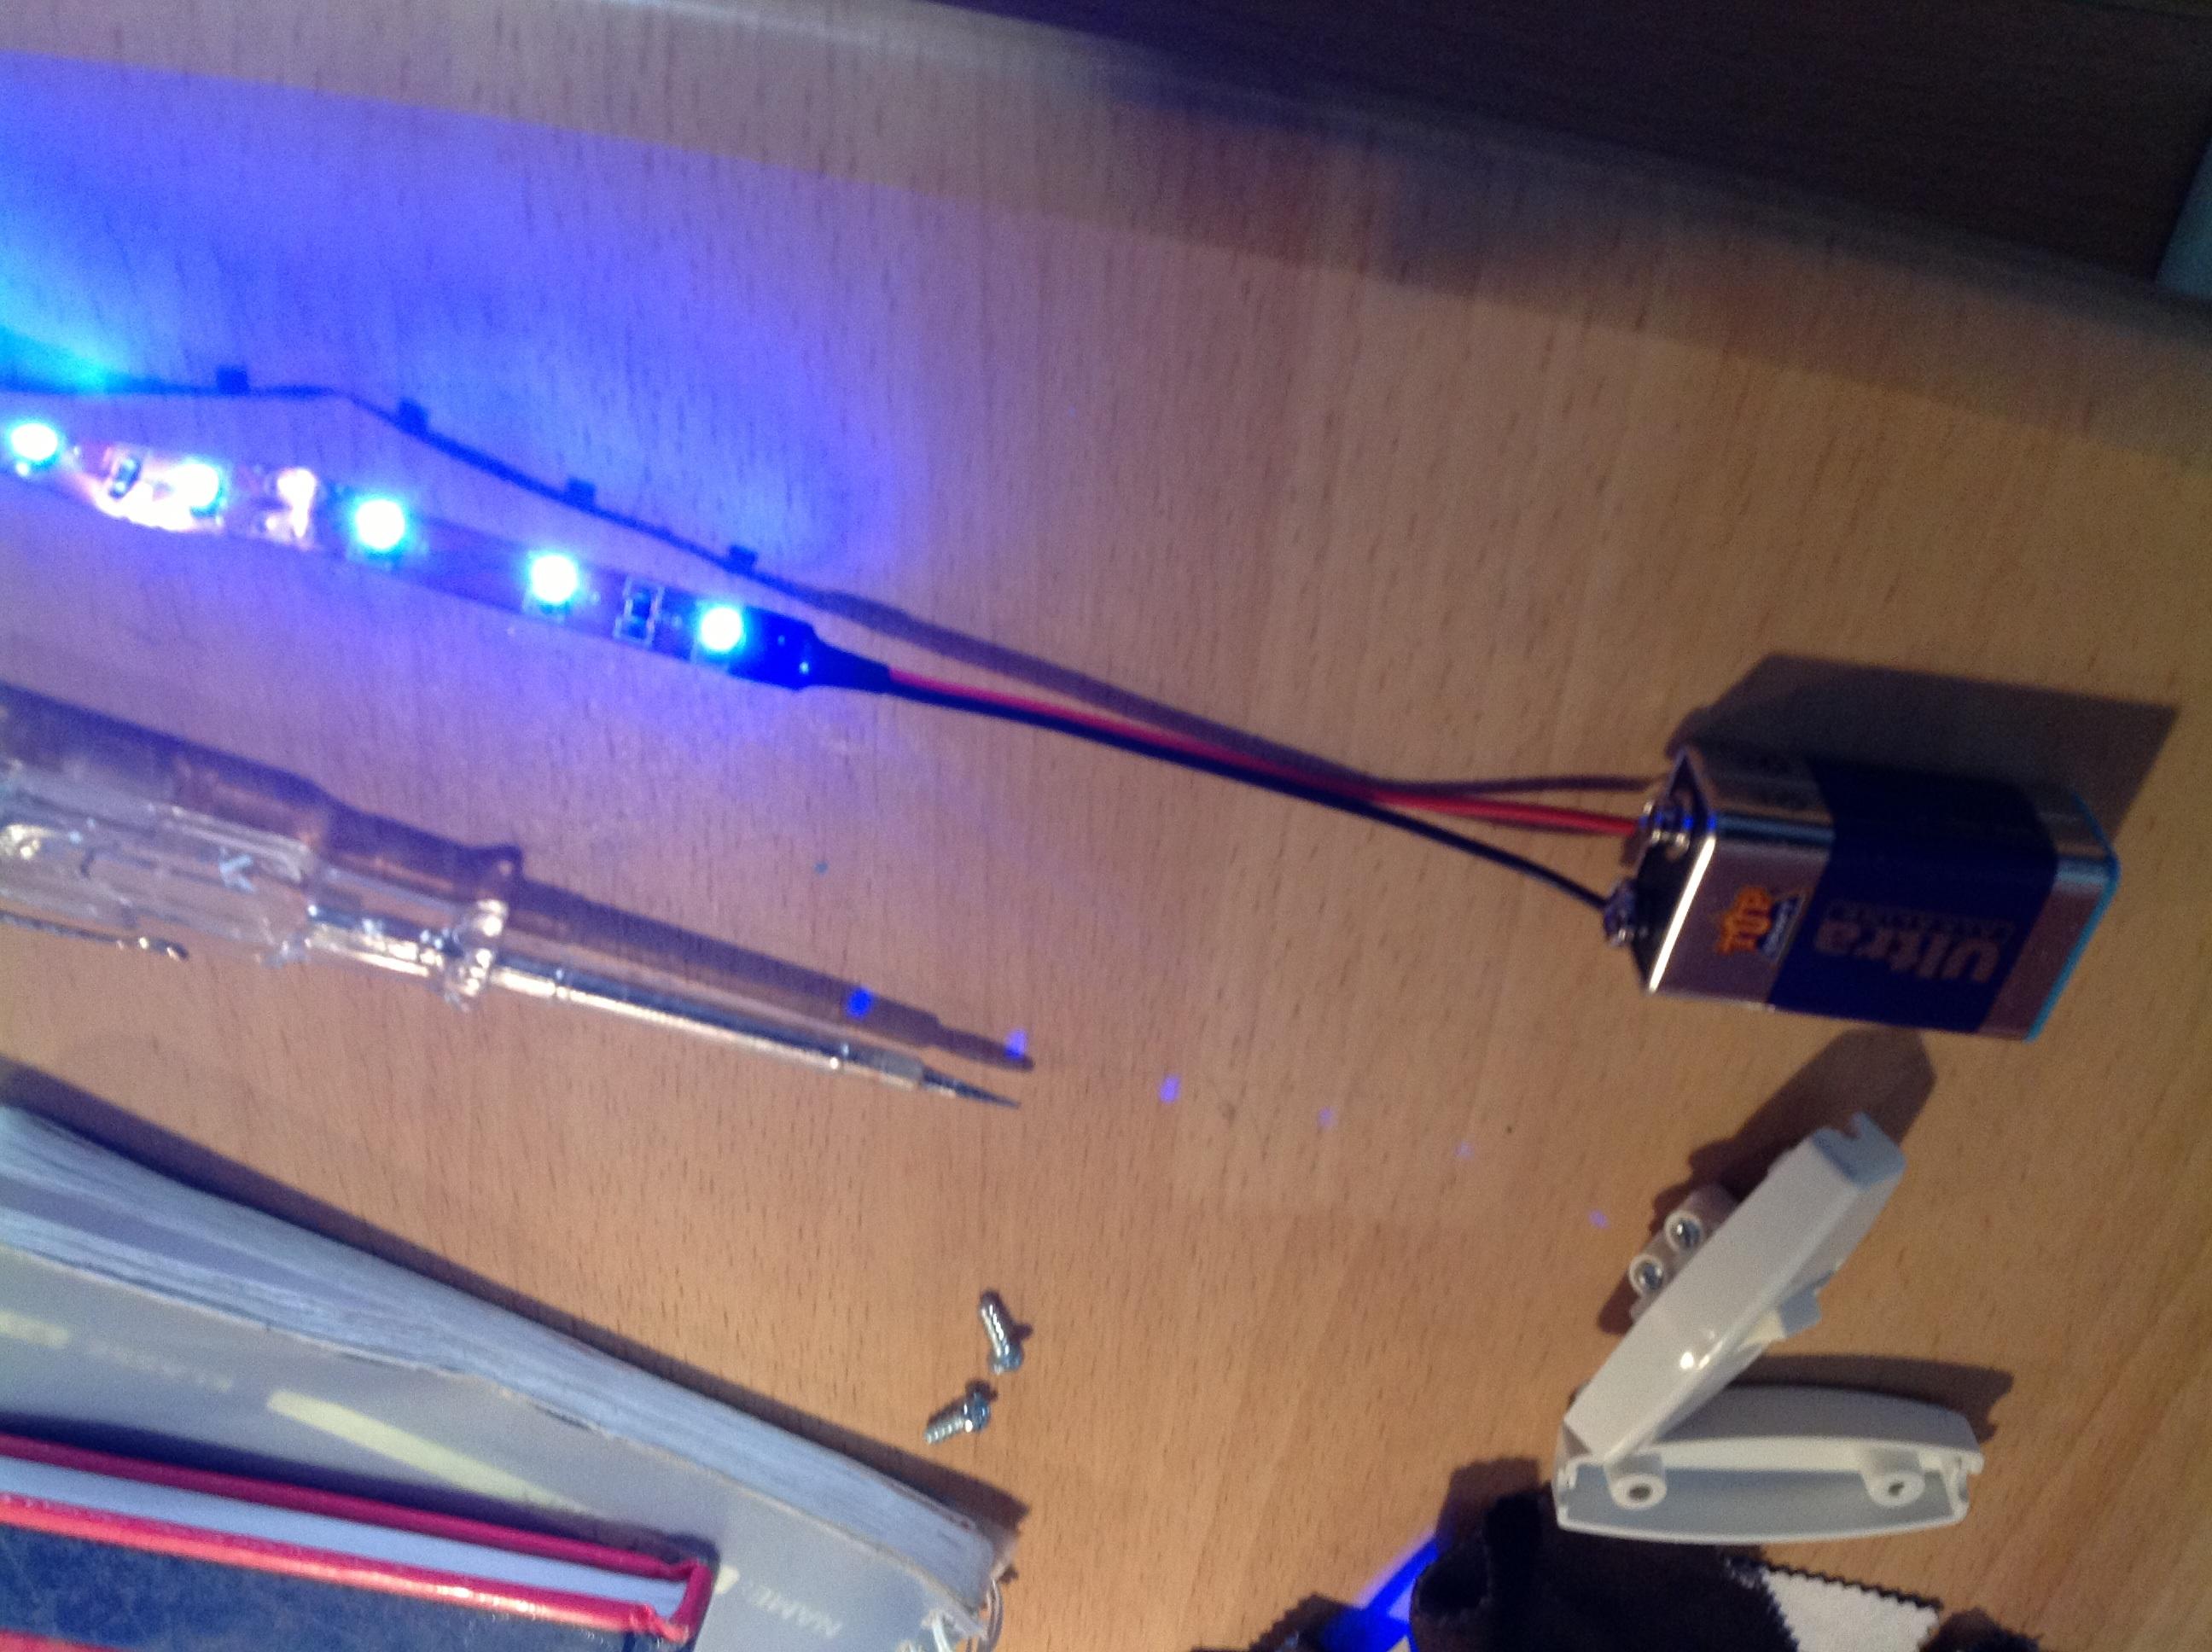 lichtschalter anschlie en 3 kabel lampe anschlie en und strom messen aber wie kabel elektrik. Black Bedroom Furniture Sets. Home Design Ideas